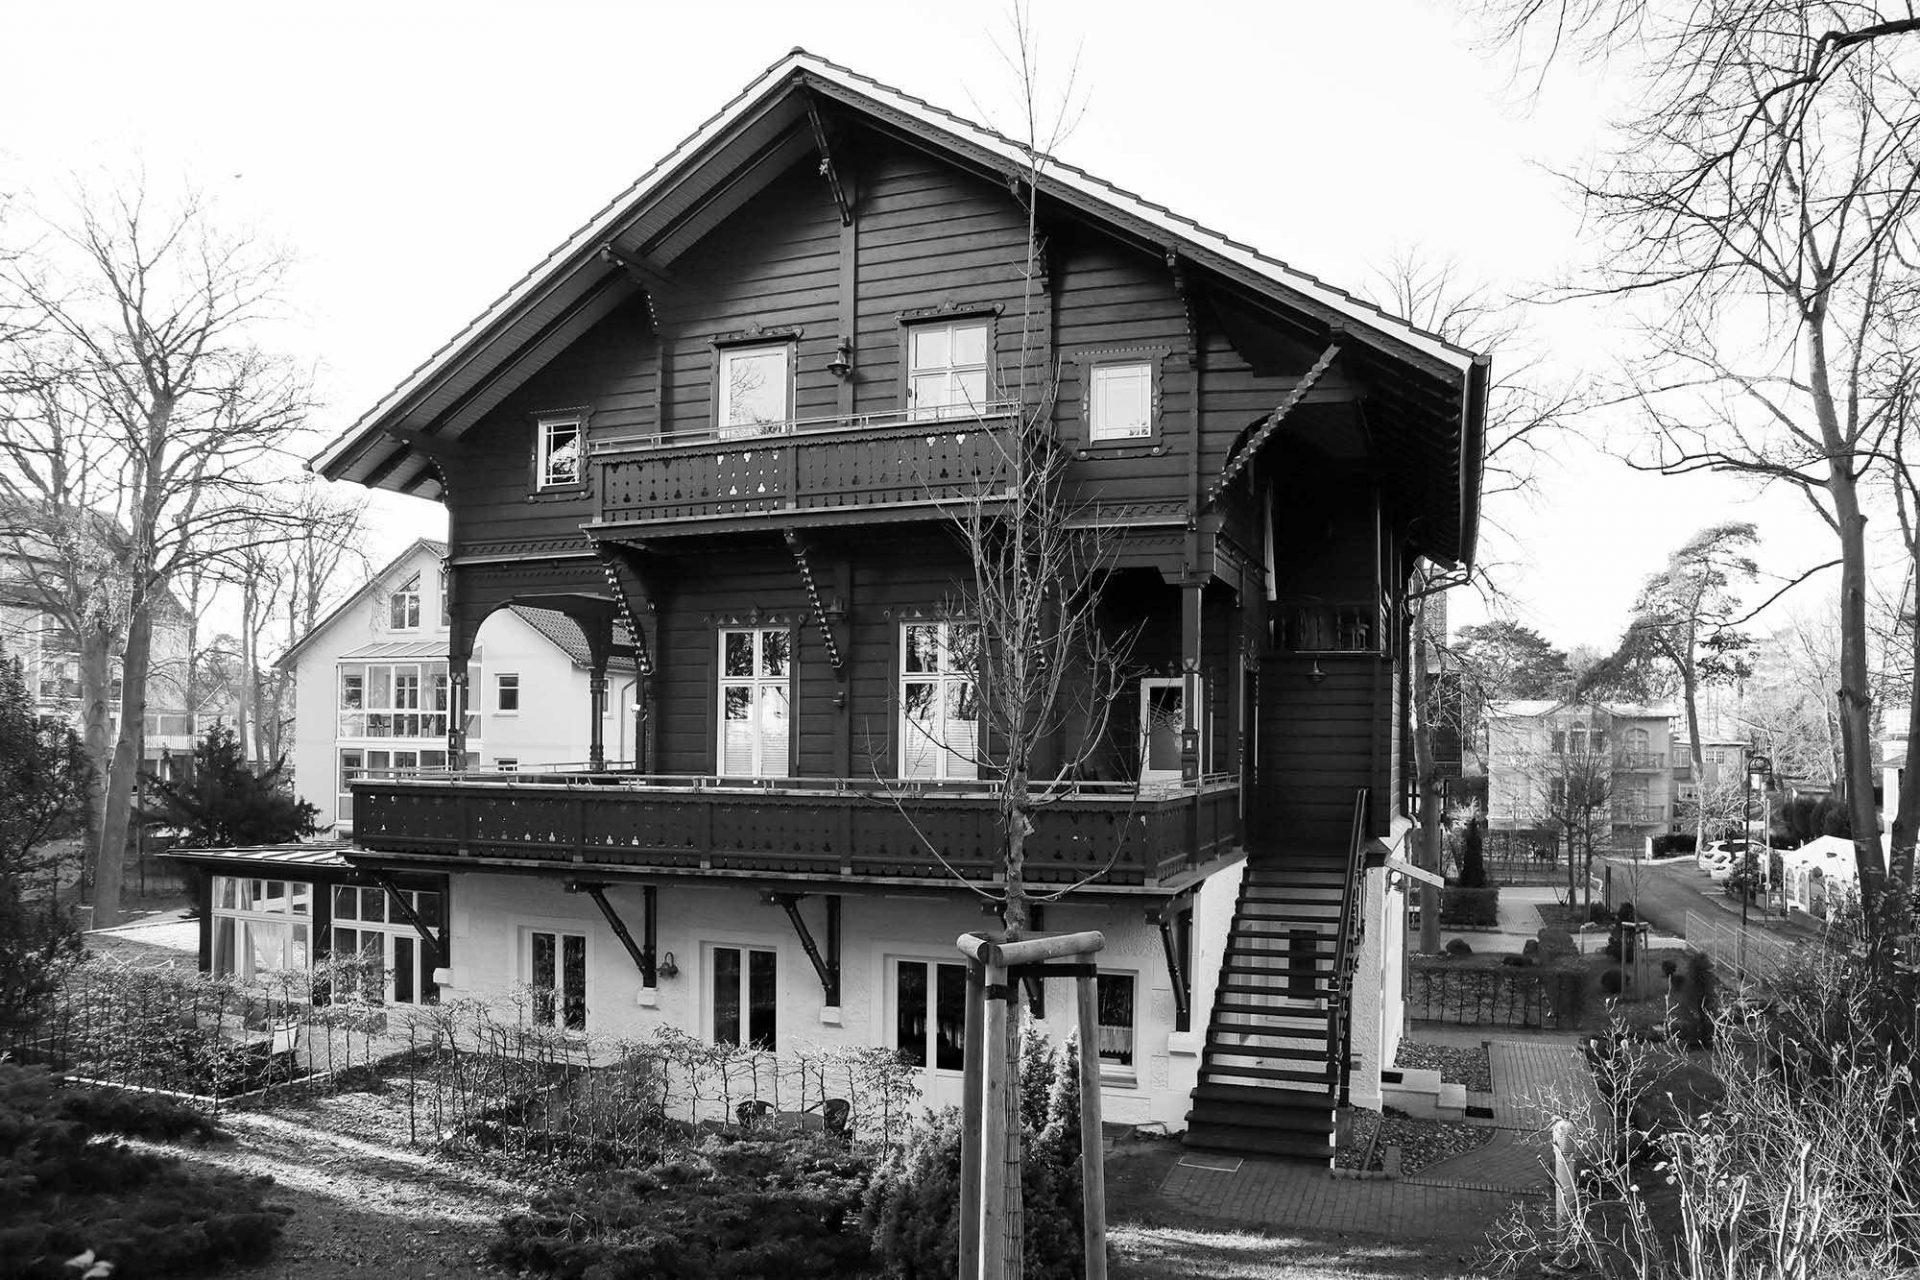 """Heringsdorf. Der frühere Entwurf eines Schweizerhauses zierte lange Zeit den Firmenkopf der Wolgaster Actien-Gesellschaft. Die Villa Müller (um 1895) an der Maxim-Gorki-Straße 55 kommt diesem """"Katalogvorschlag für moderne Holzbauten"""" sehr nahe."""